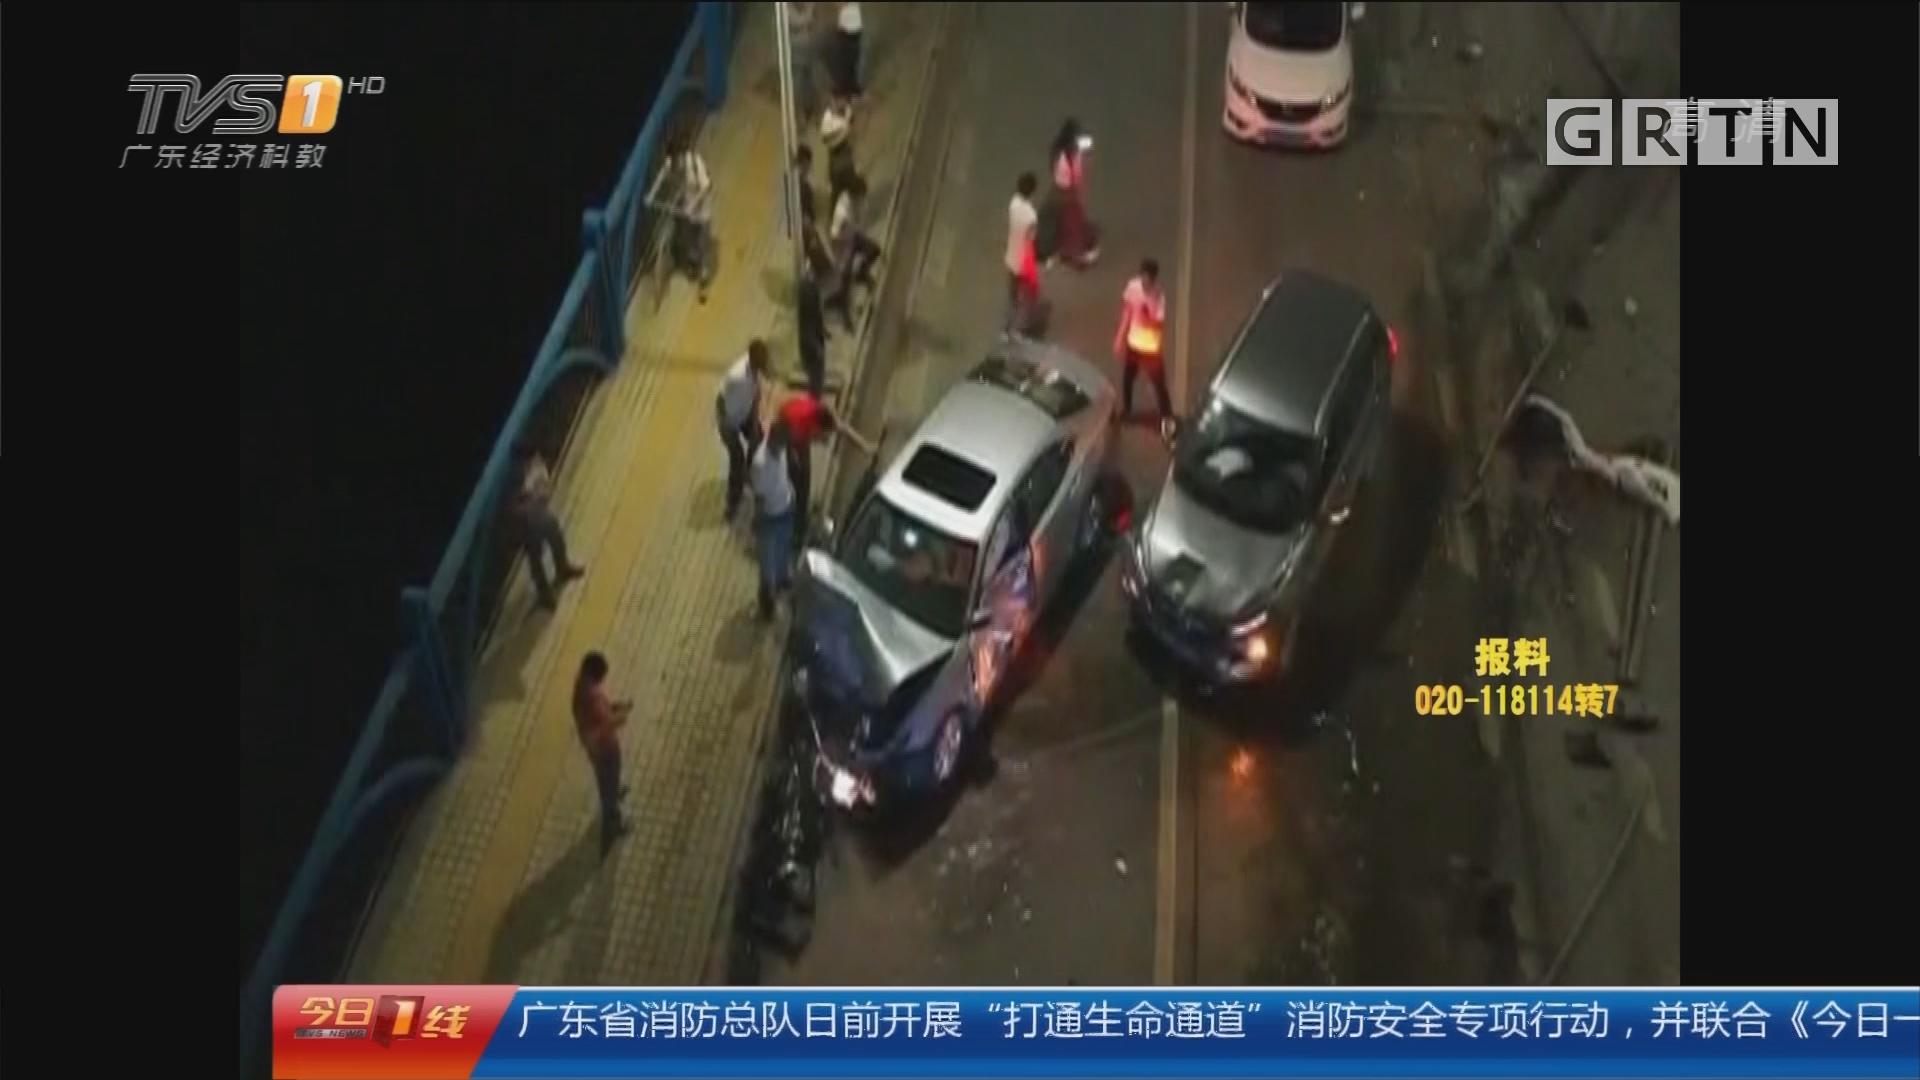 交通安全:清远大桥 四车连环撞 乱用远光灯存隐患